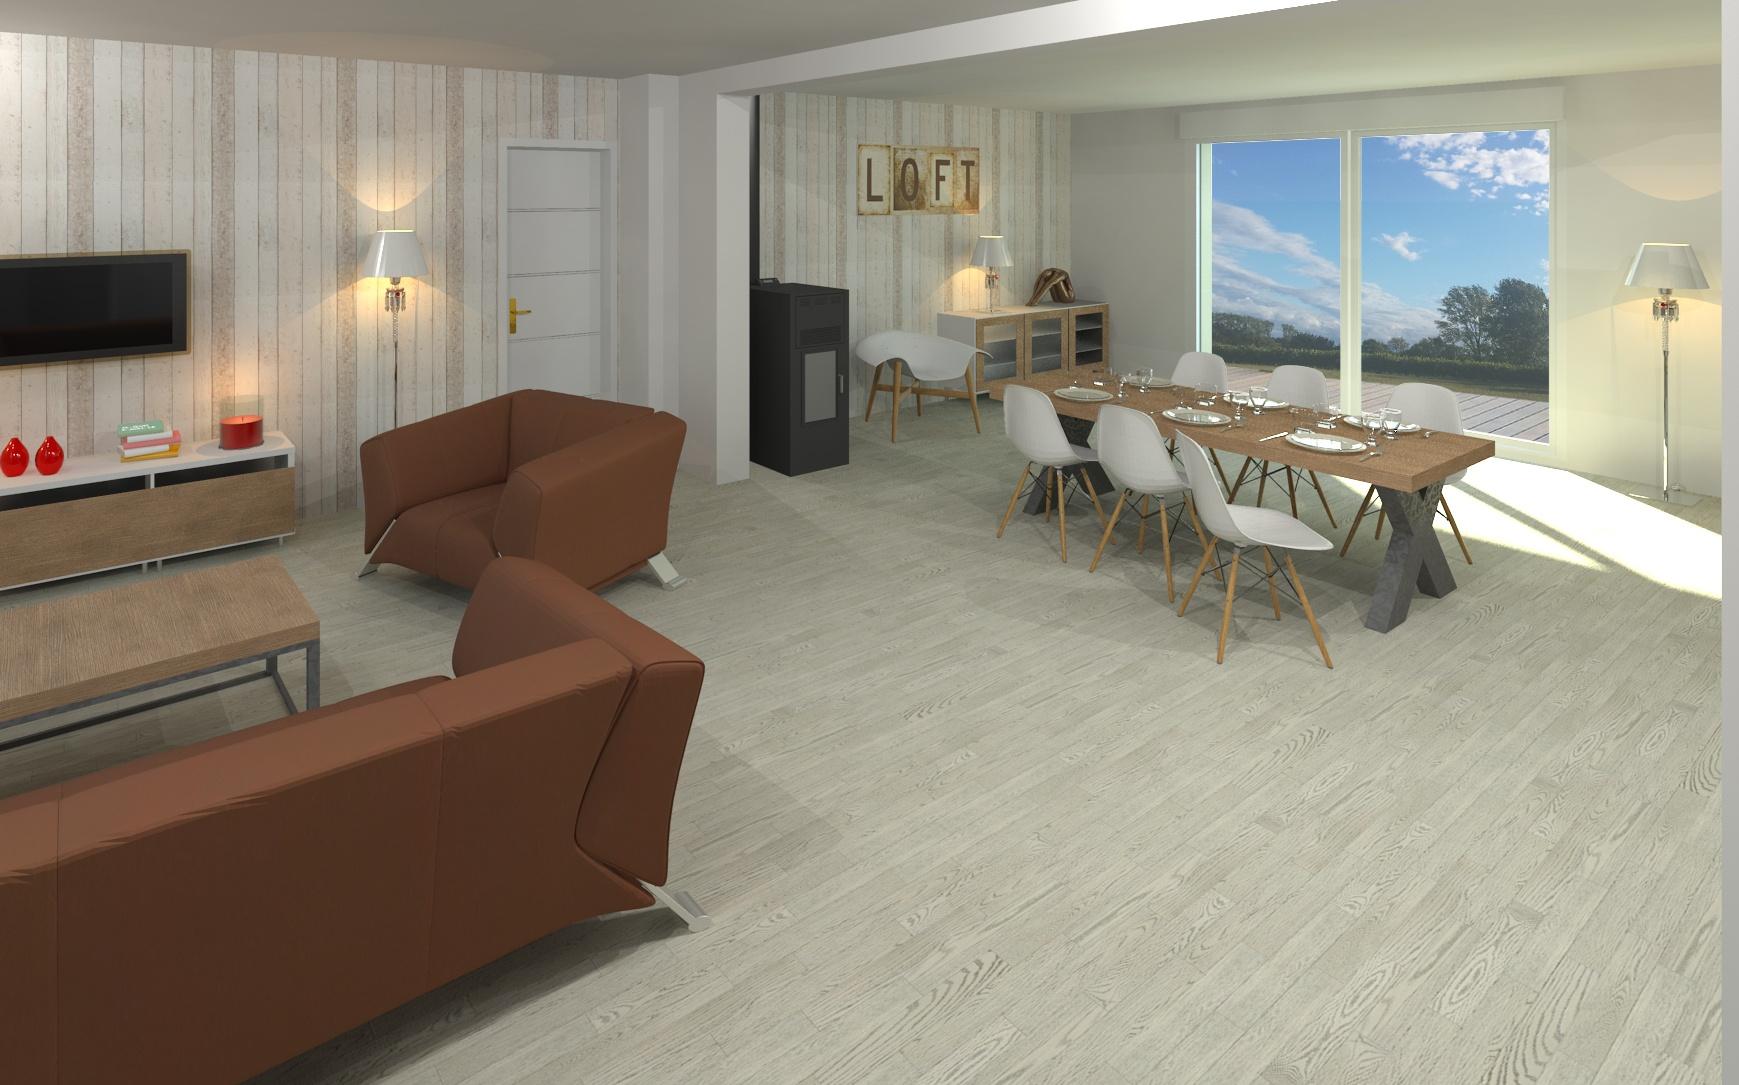 Maisons + Terrains du constructeur Maison Familiale Wizernes • 131 m² • BELLE ET HOULLEFORT